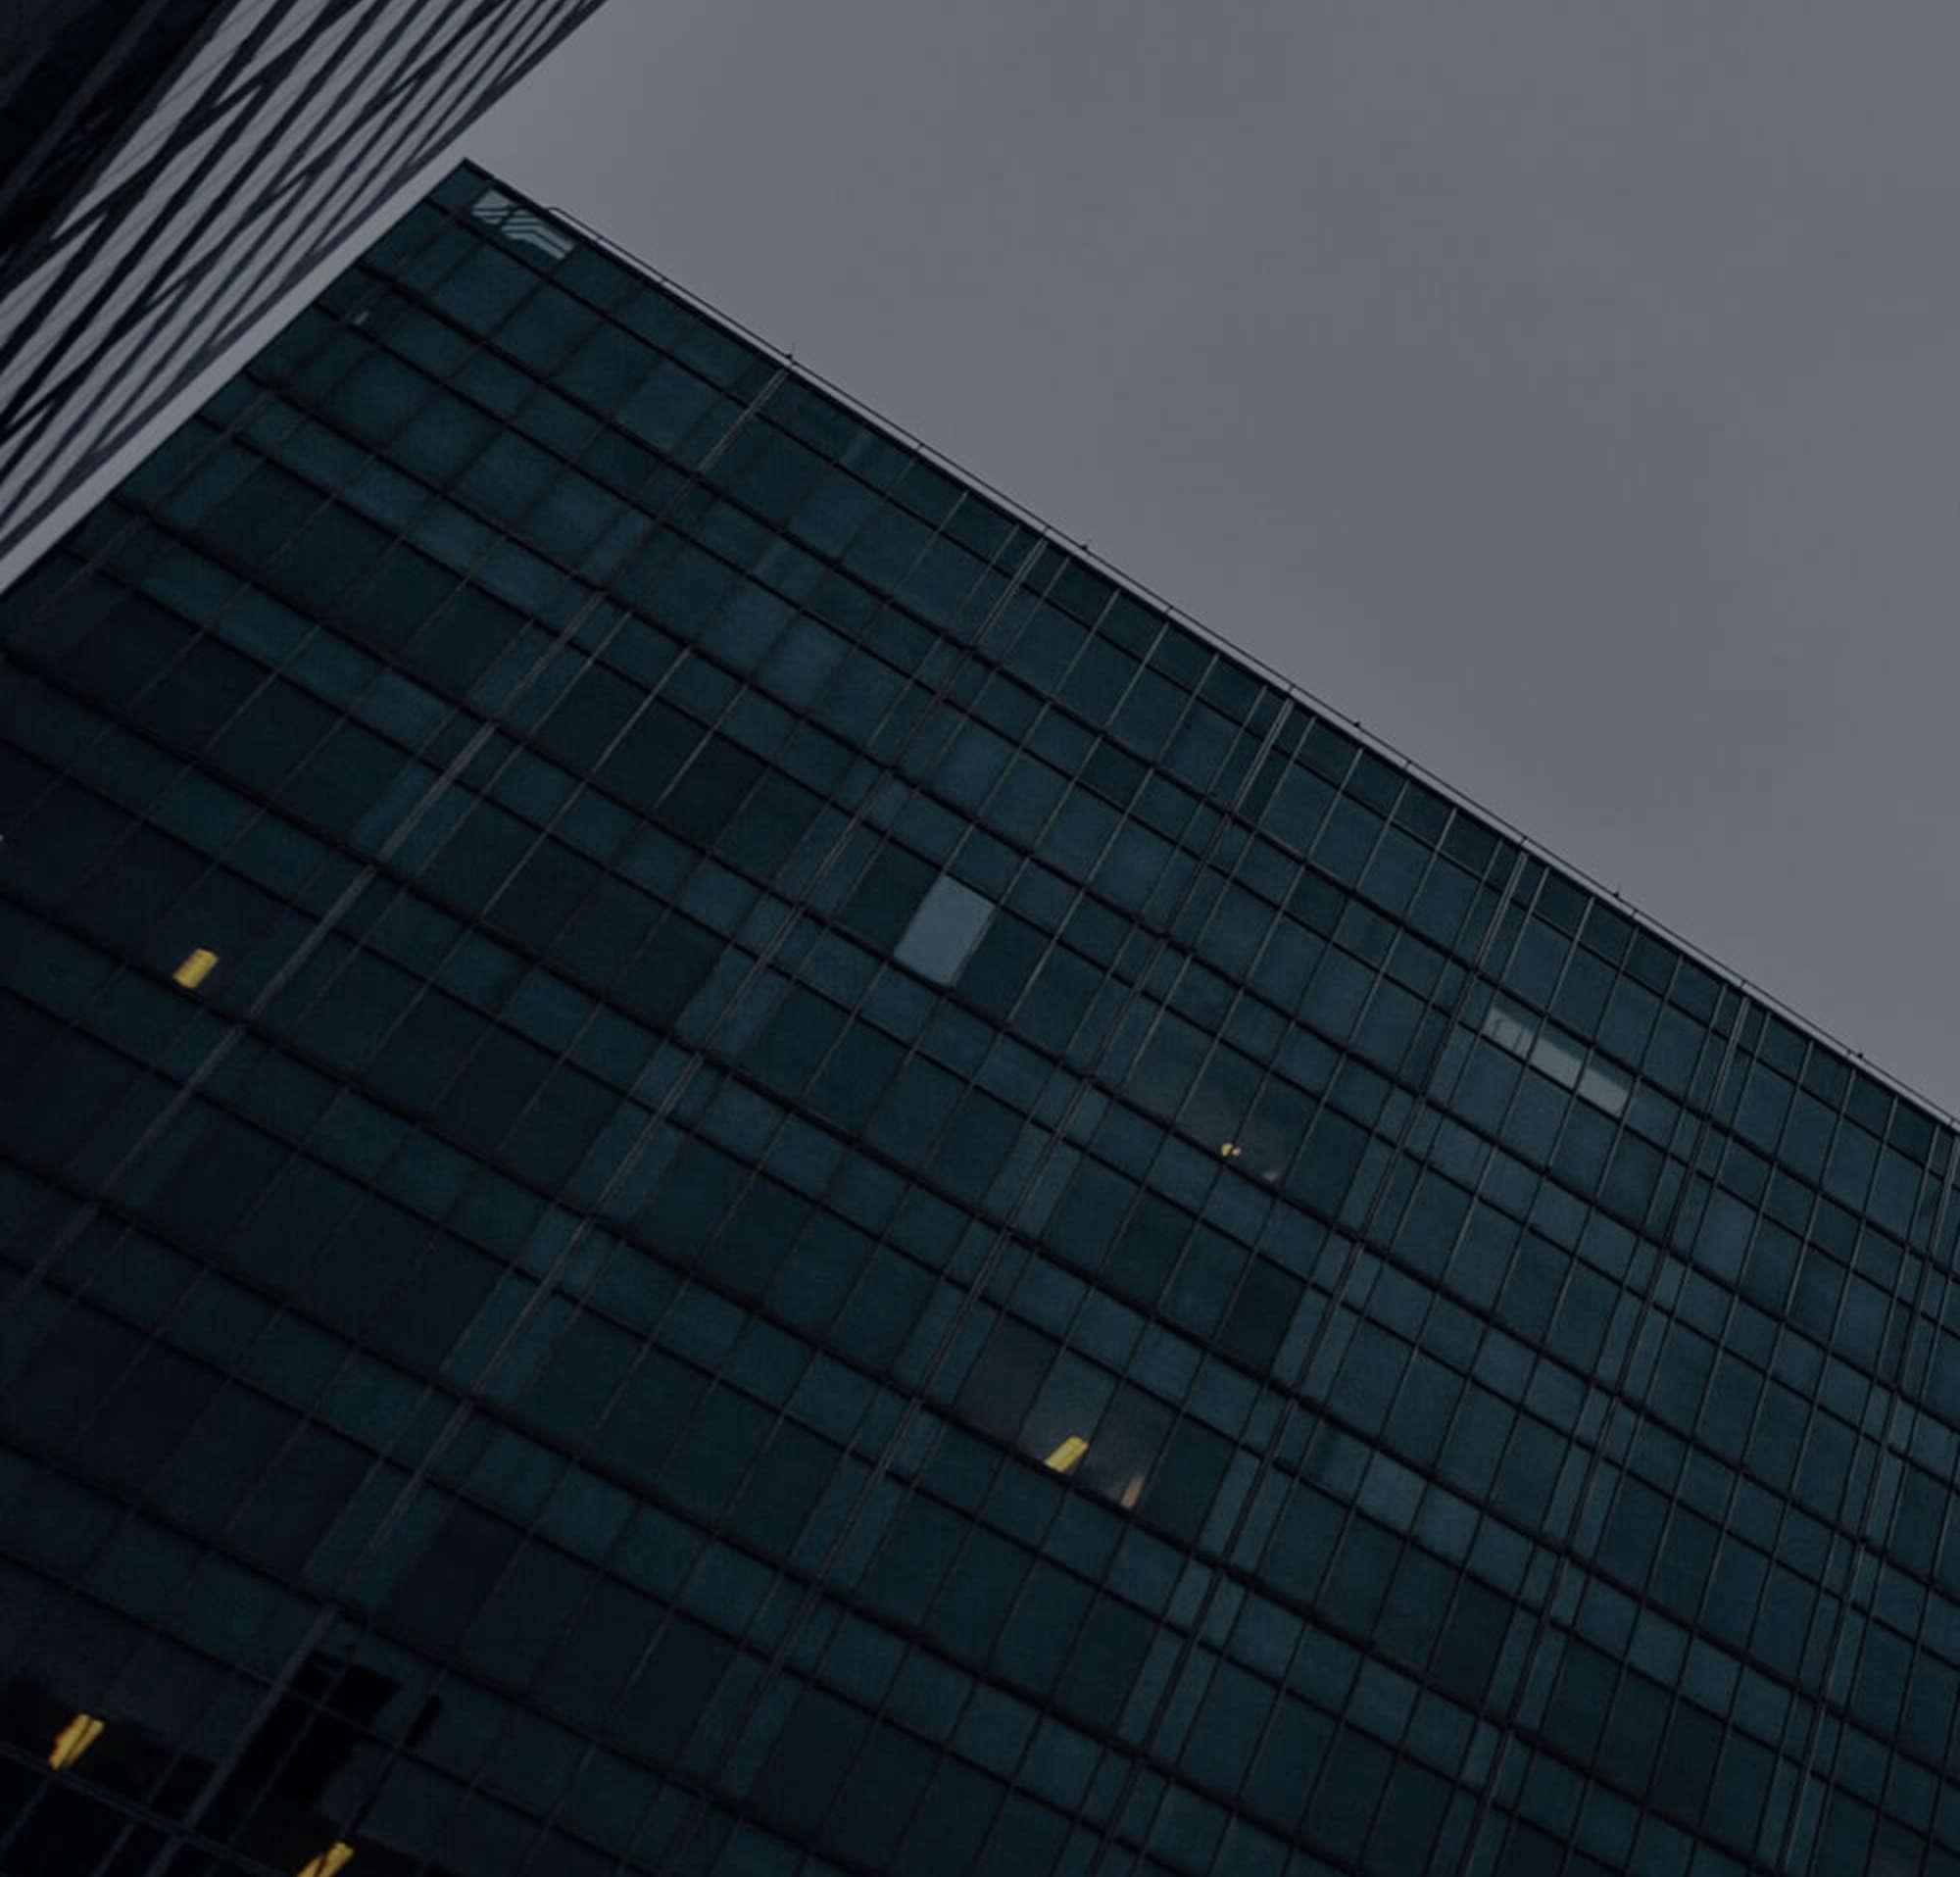 Hohe Bürogebäude, die die Kundenstandorte der Rechtsabteilung von DocuSign darstellen.